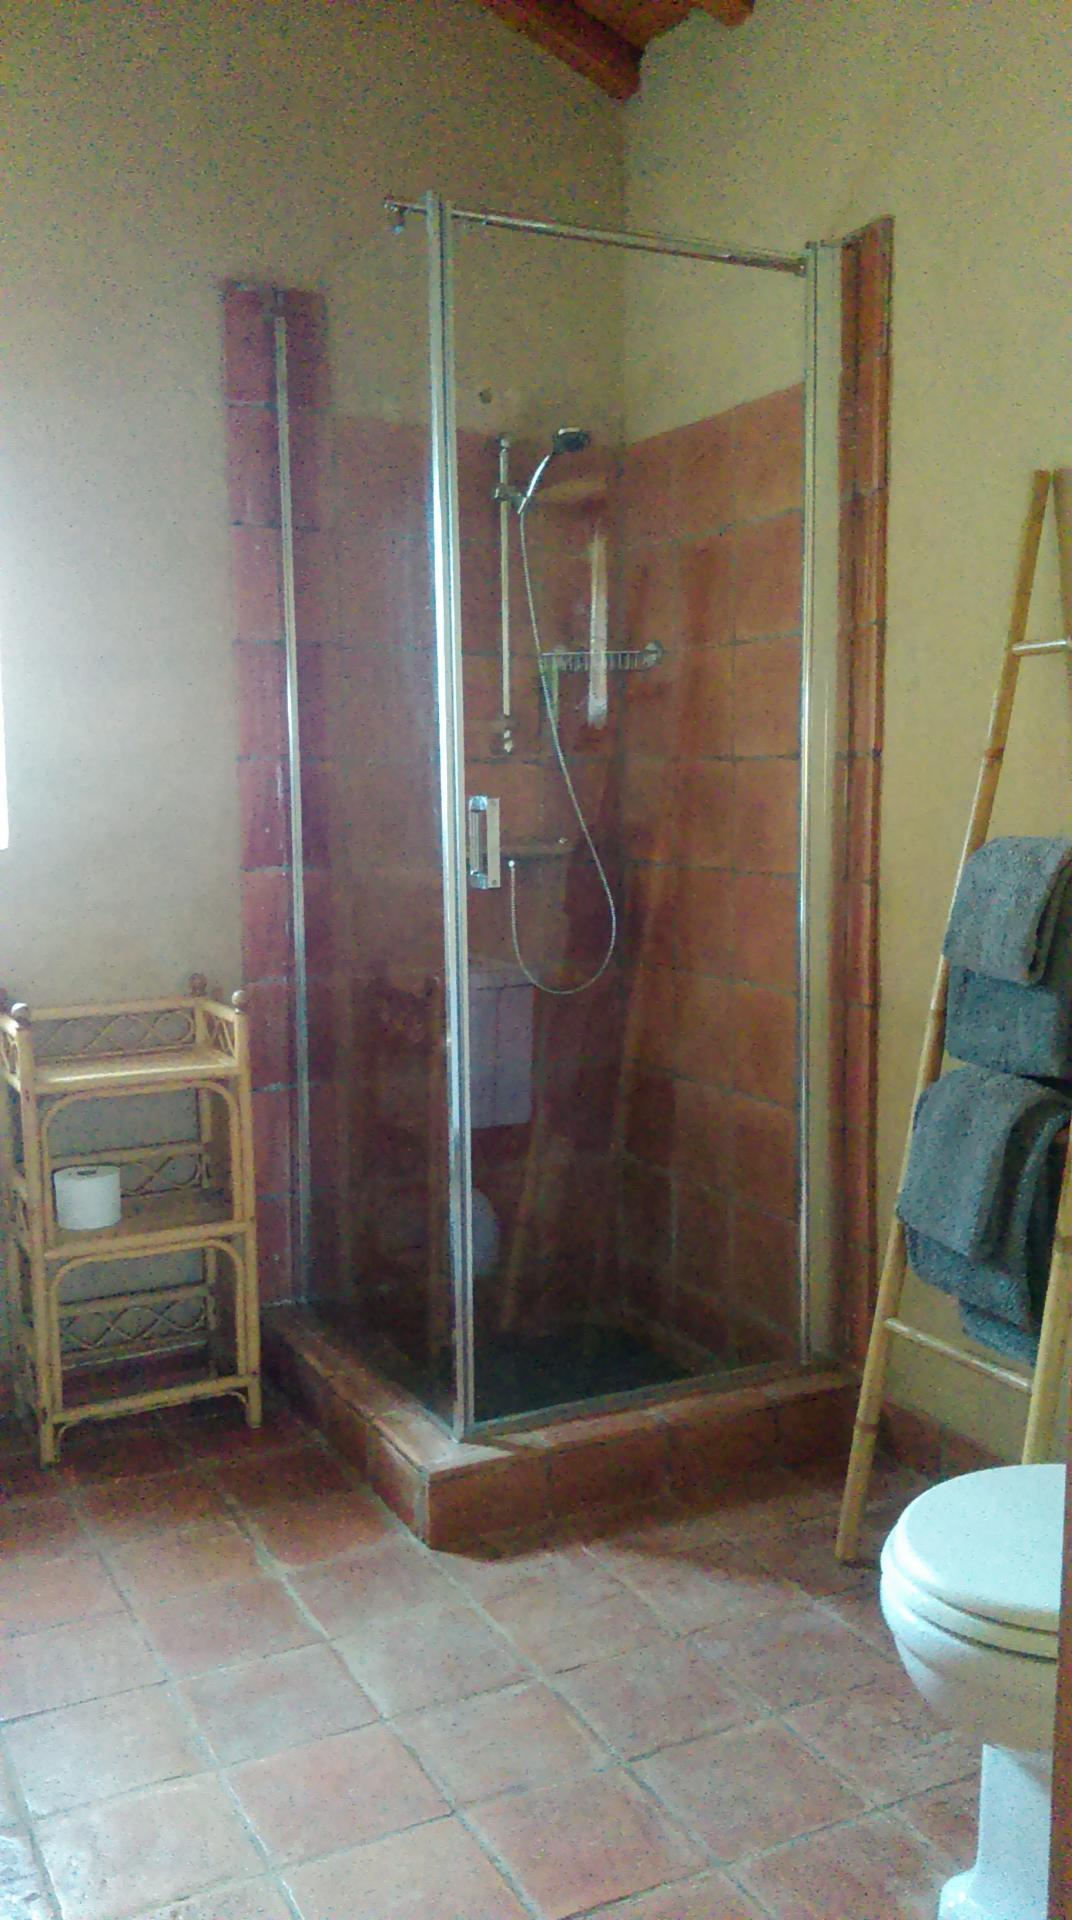 La Petite Maison bathroom